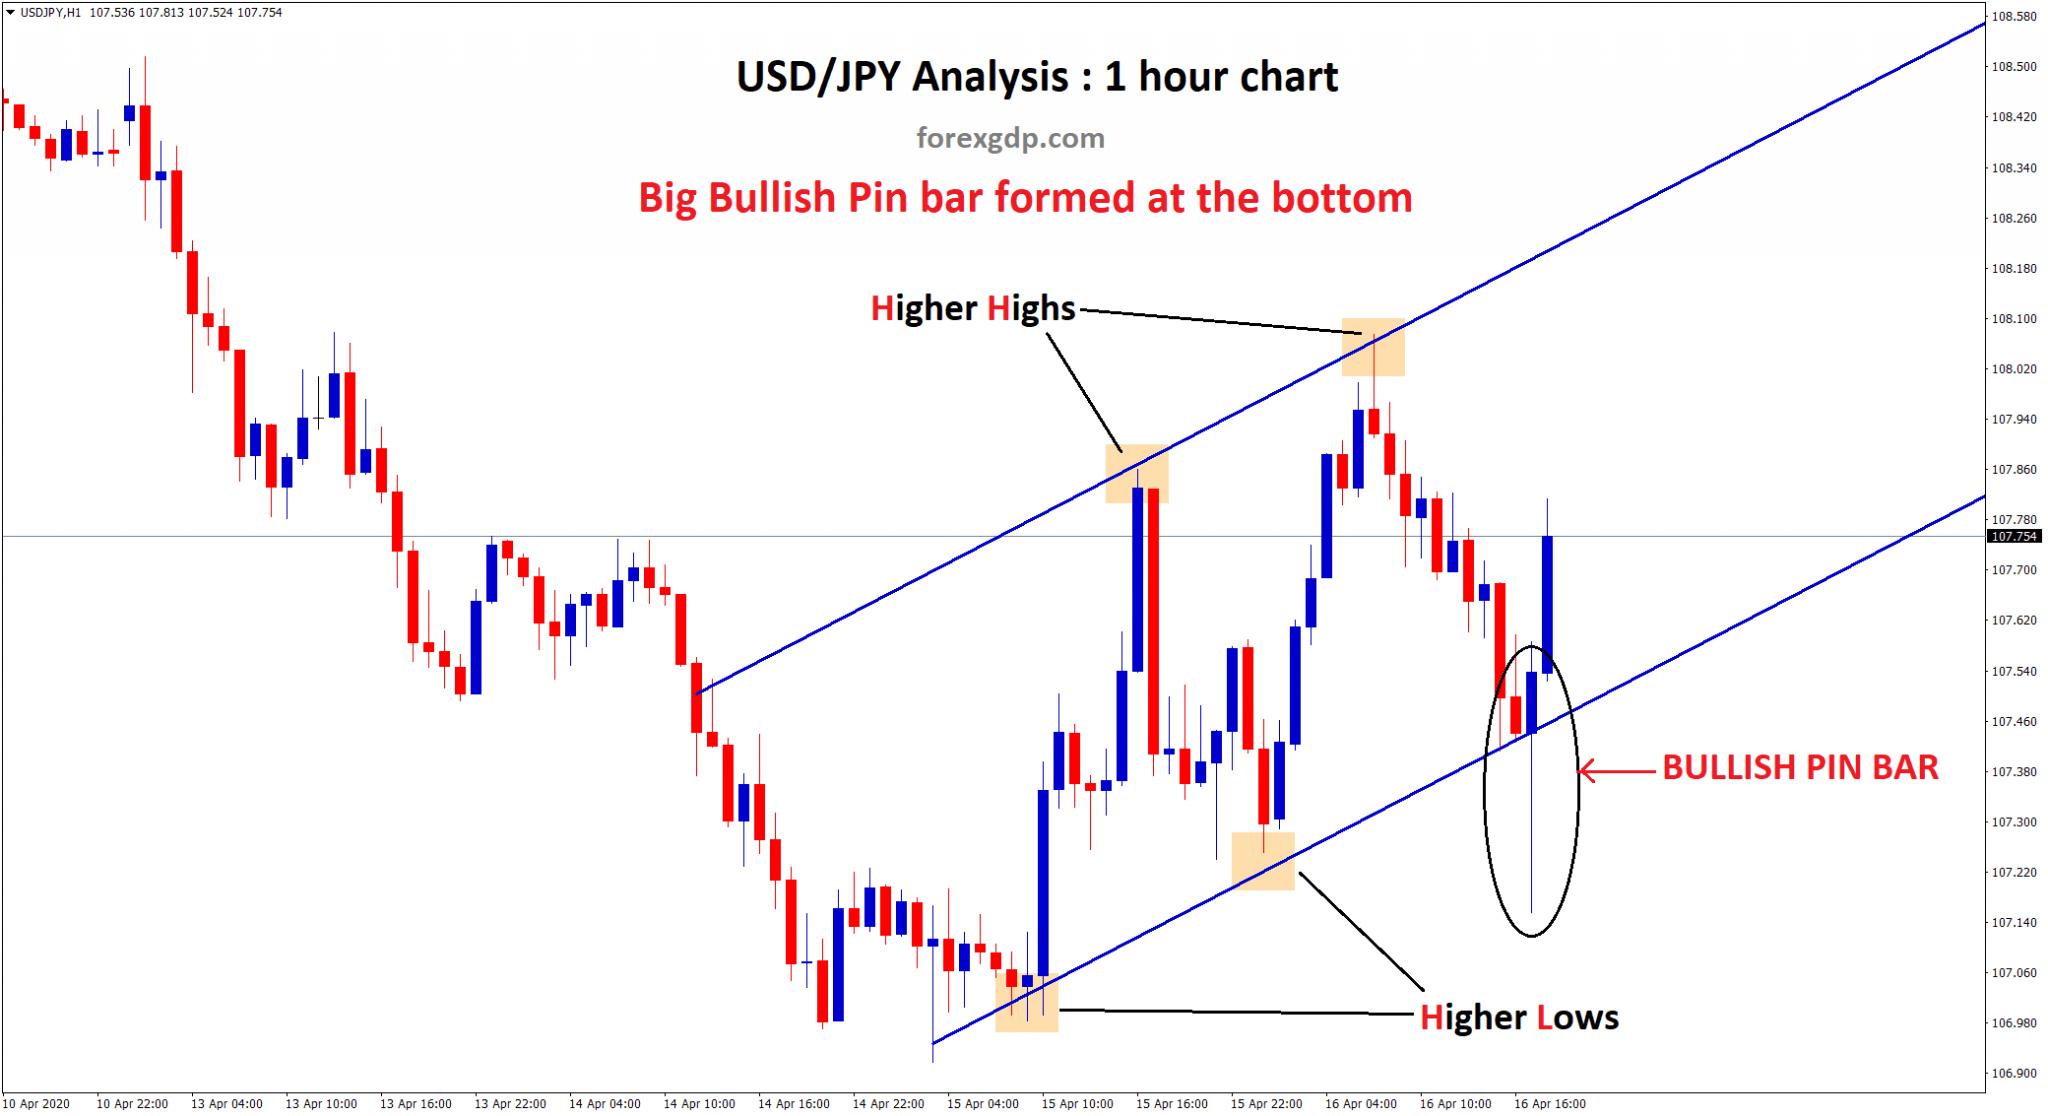 Bullish Pin Bar shows reversal in forex usdjpy 1 hour chart